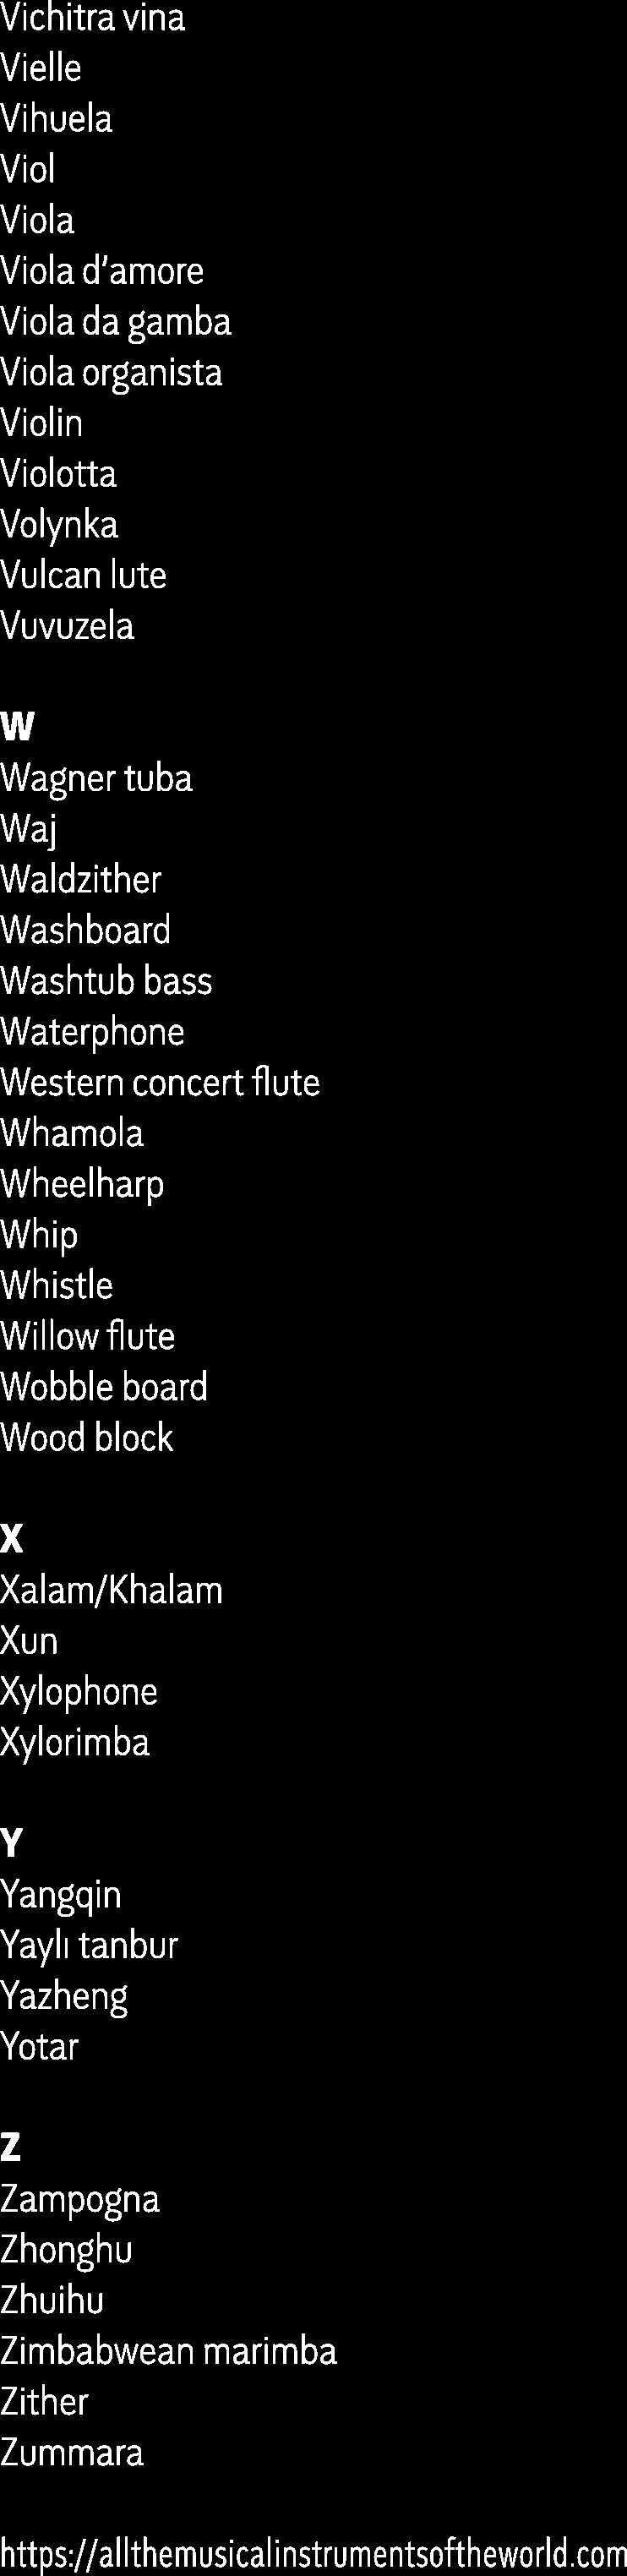 Image-List7